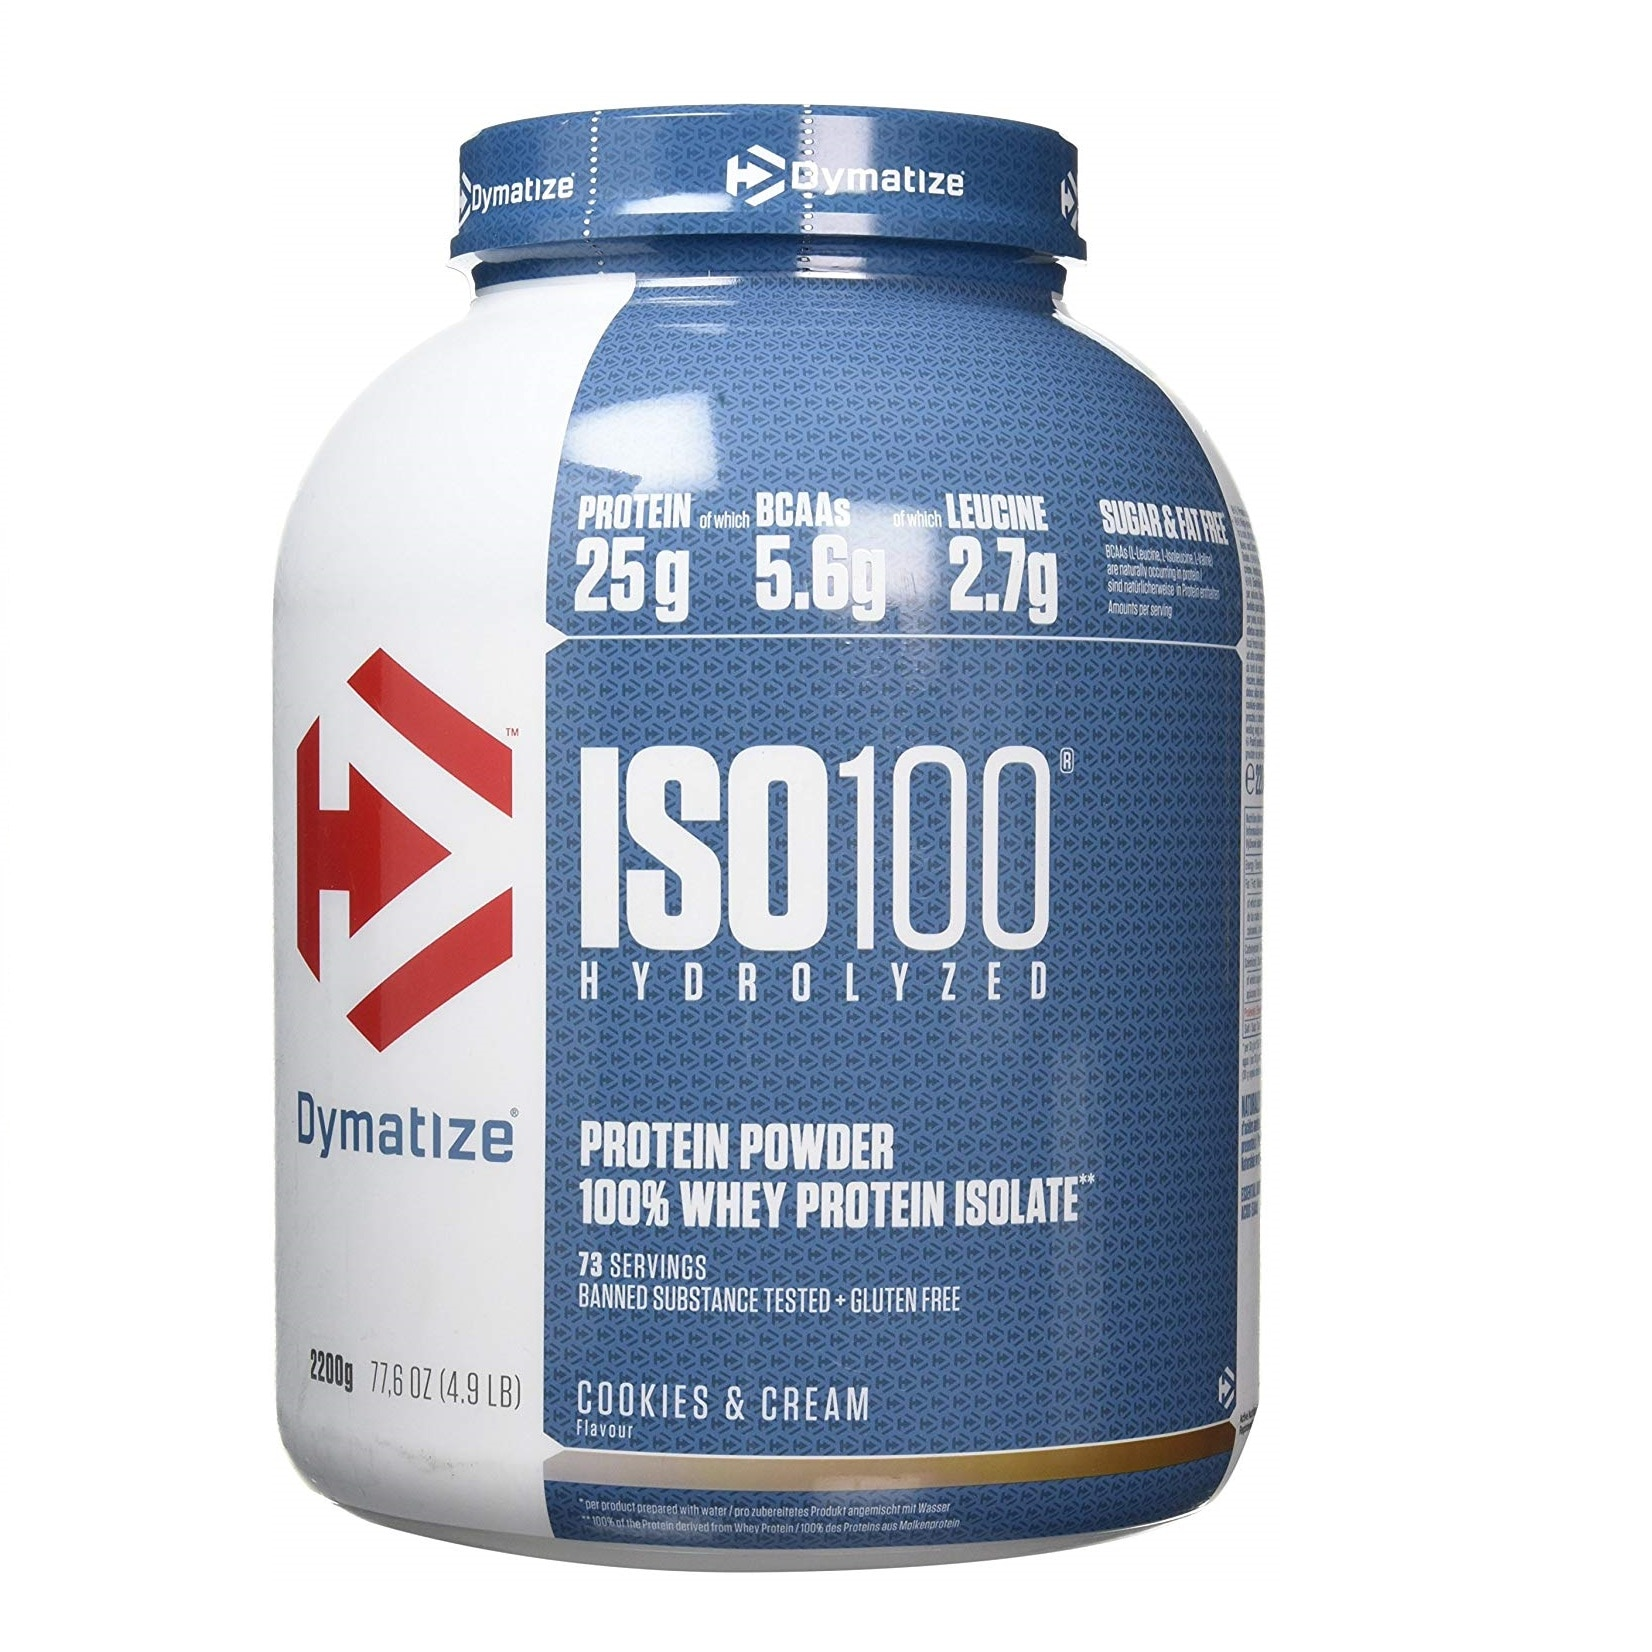 dymatize iso 100 pentru pierderea în greutate